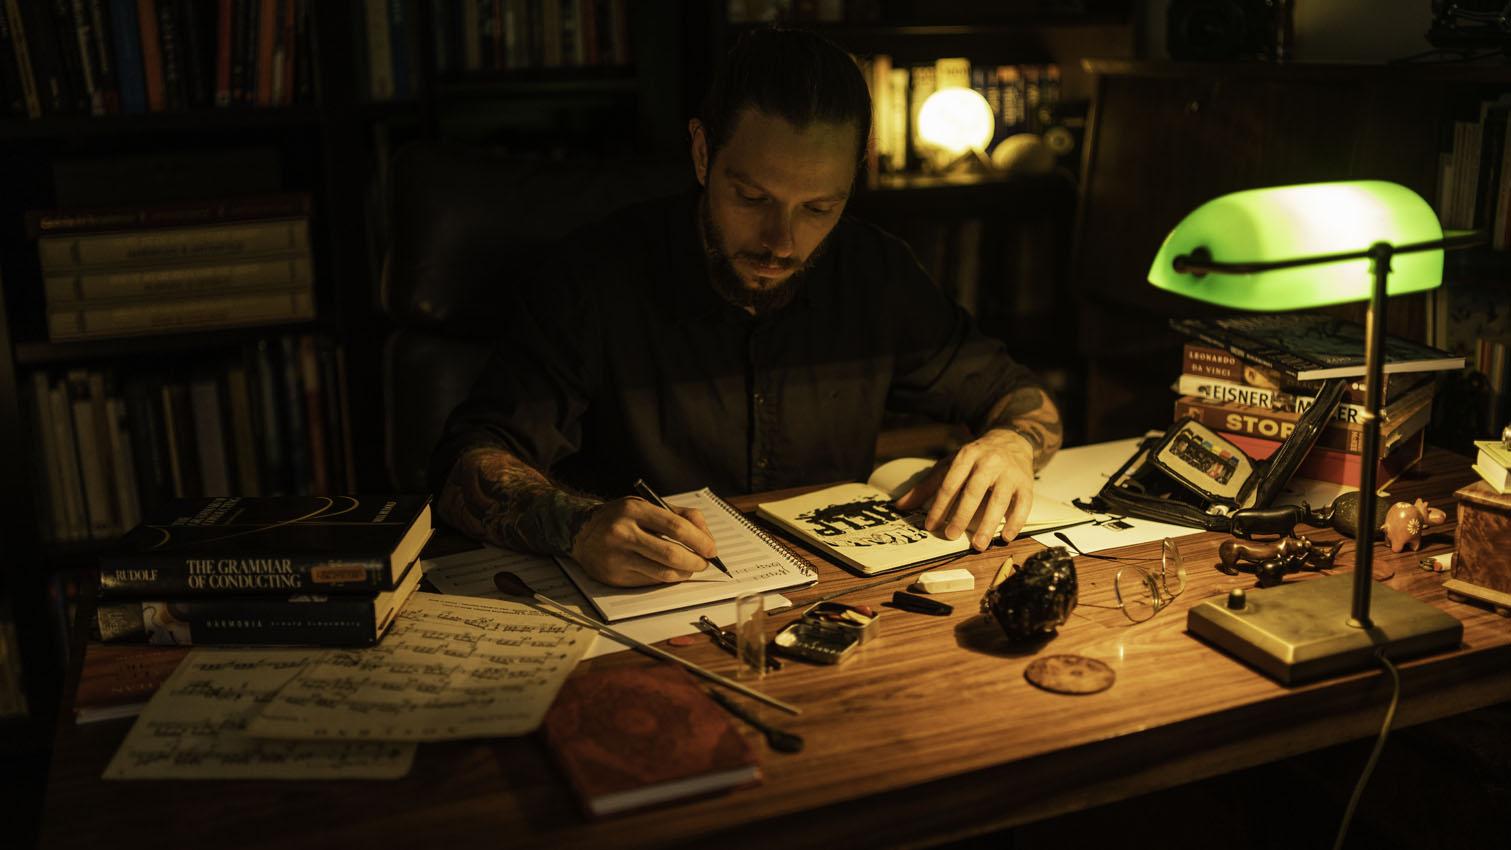 Luiz Ecarnação - Compositor e ilustrador